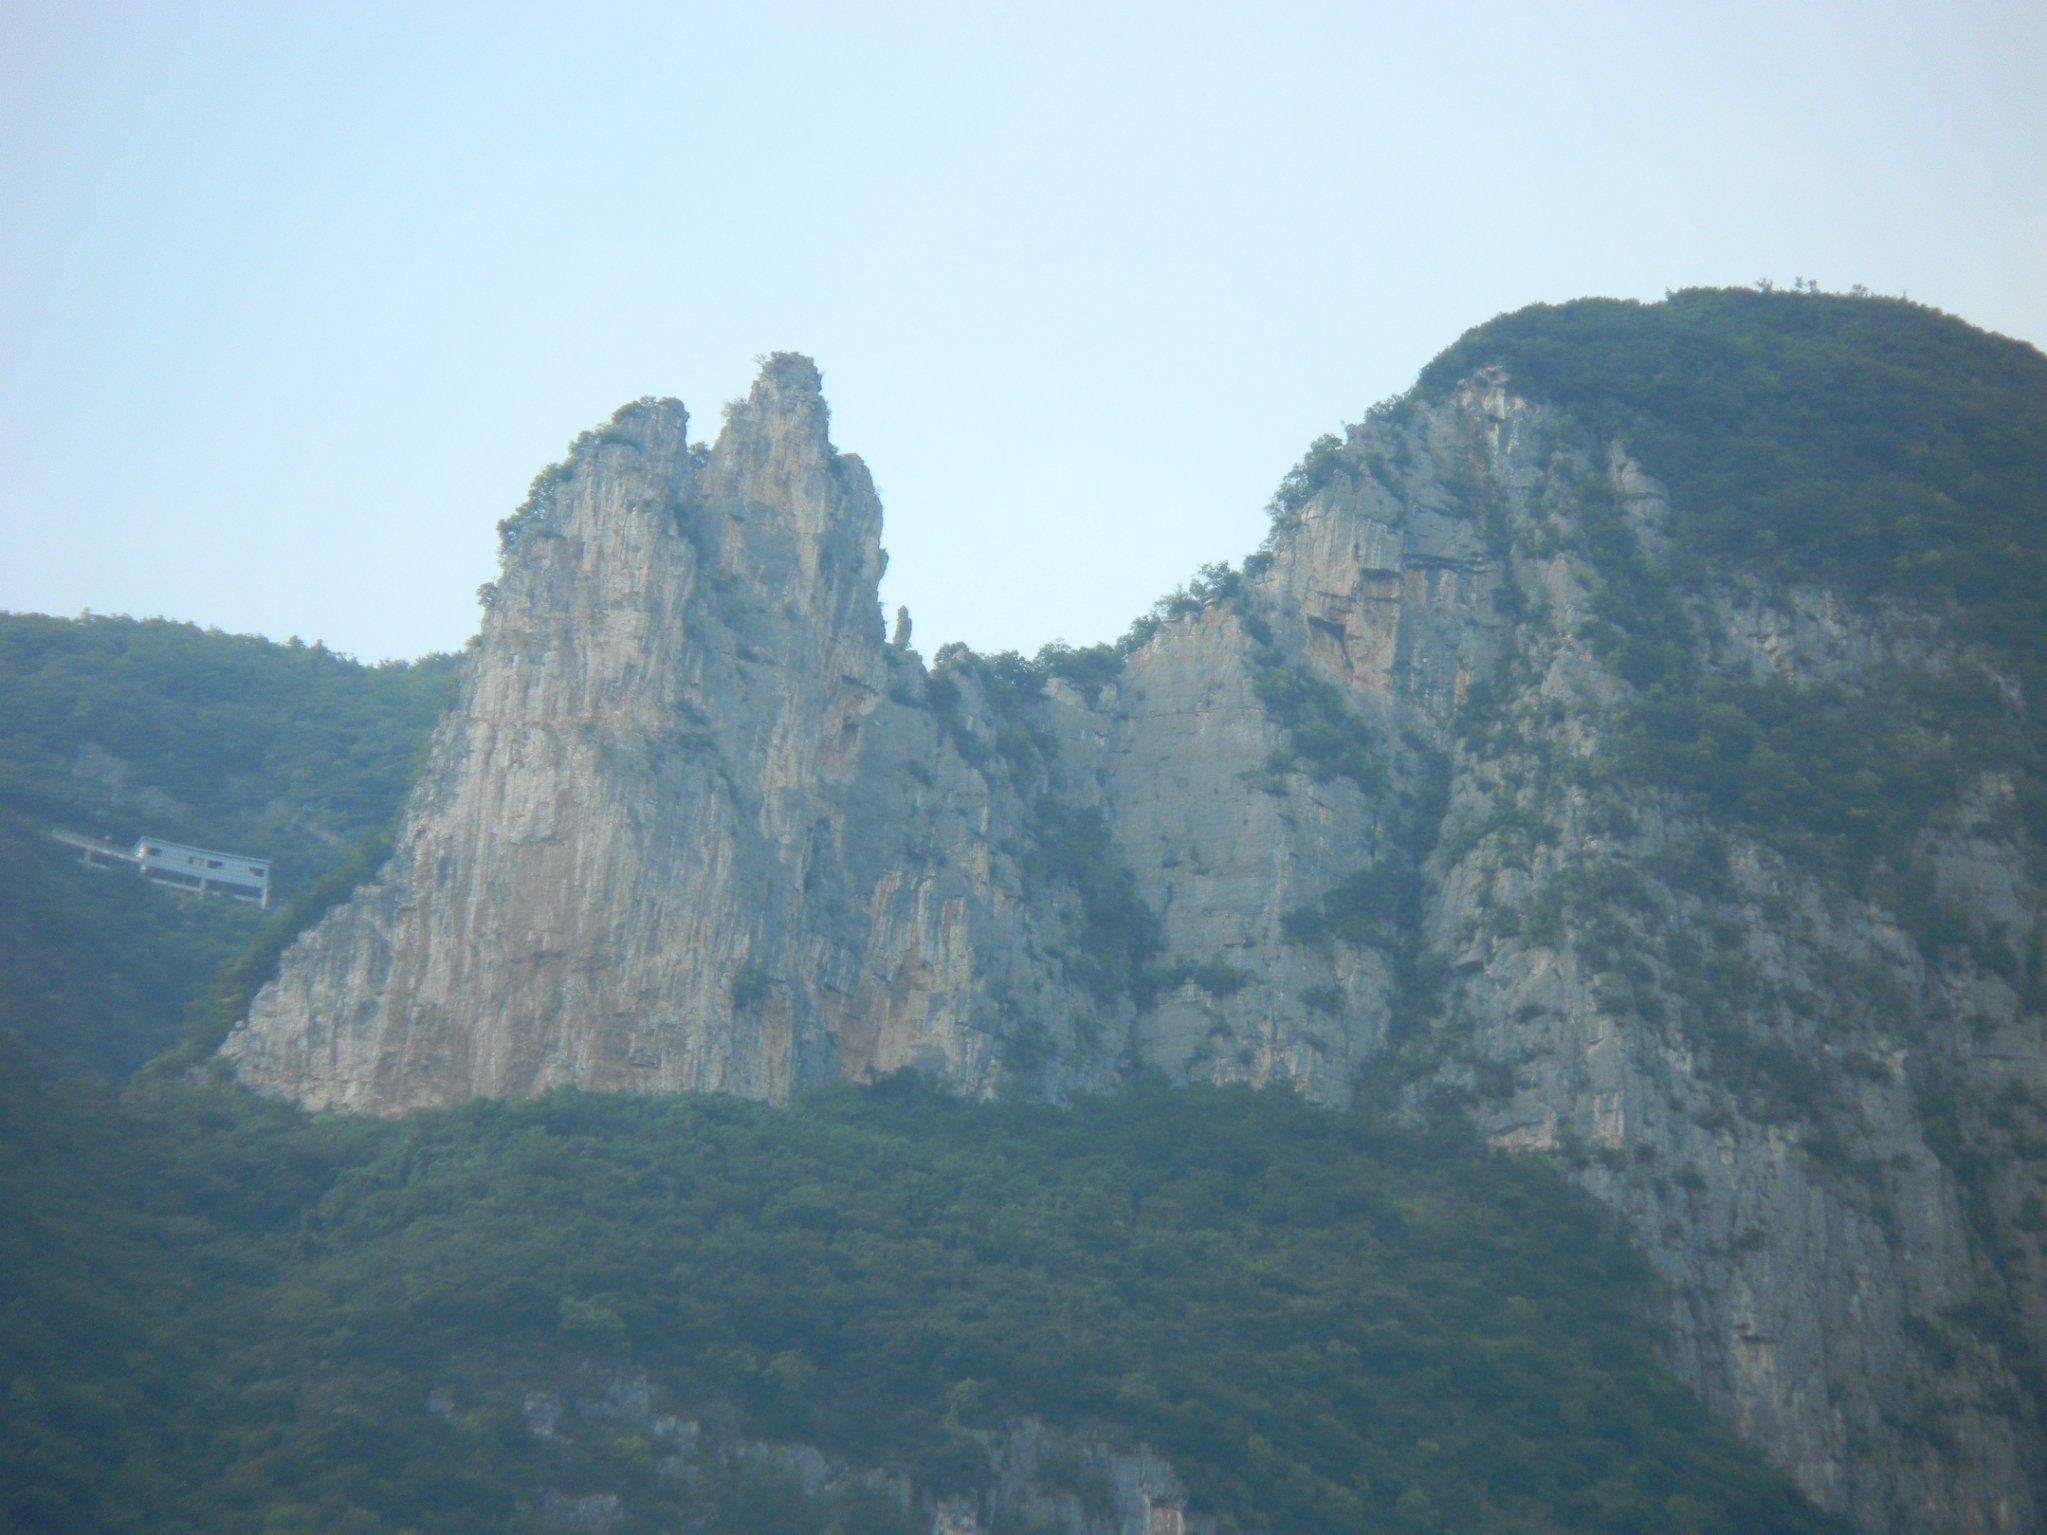 老伍-长江三峡v游记游记-攻略-去哪儿攻略2圣地幽闭攻略图片